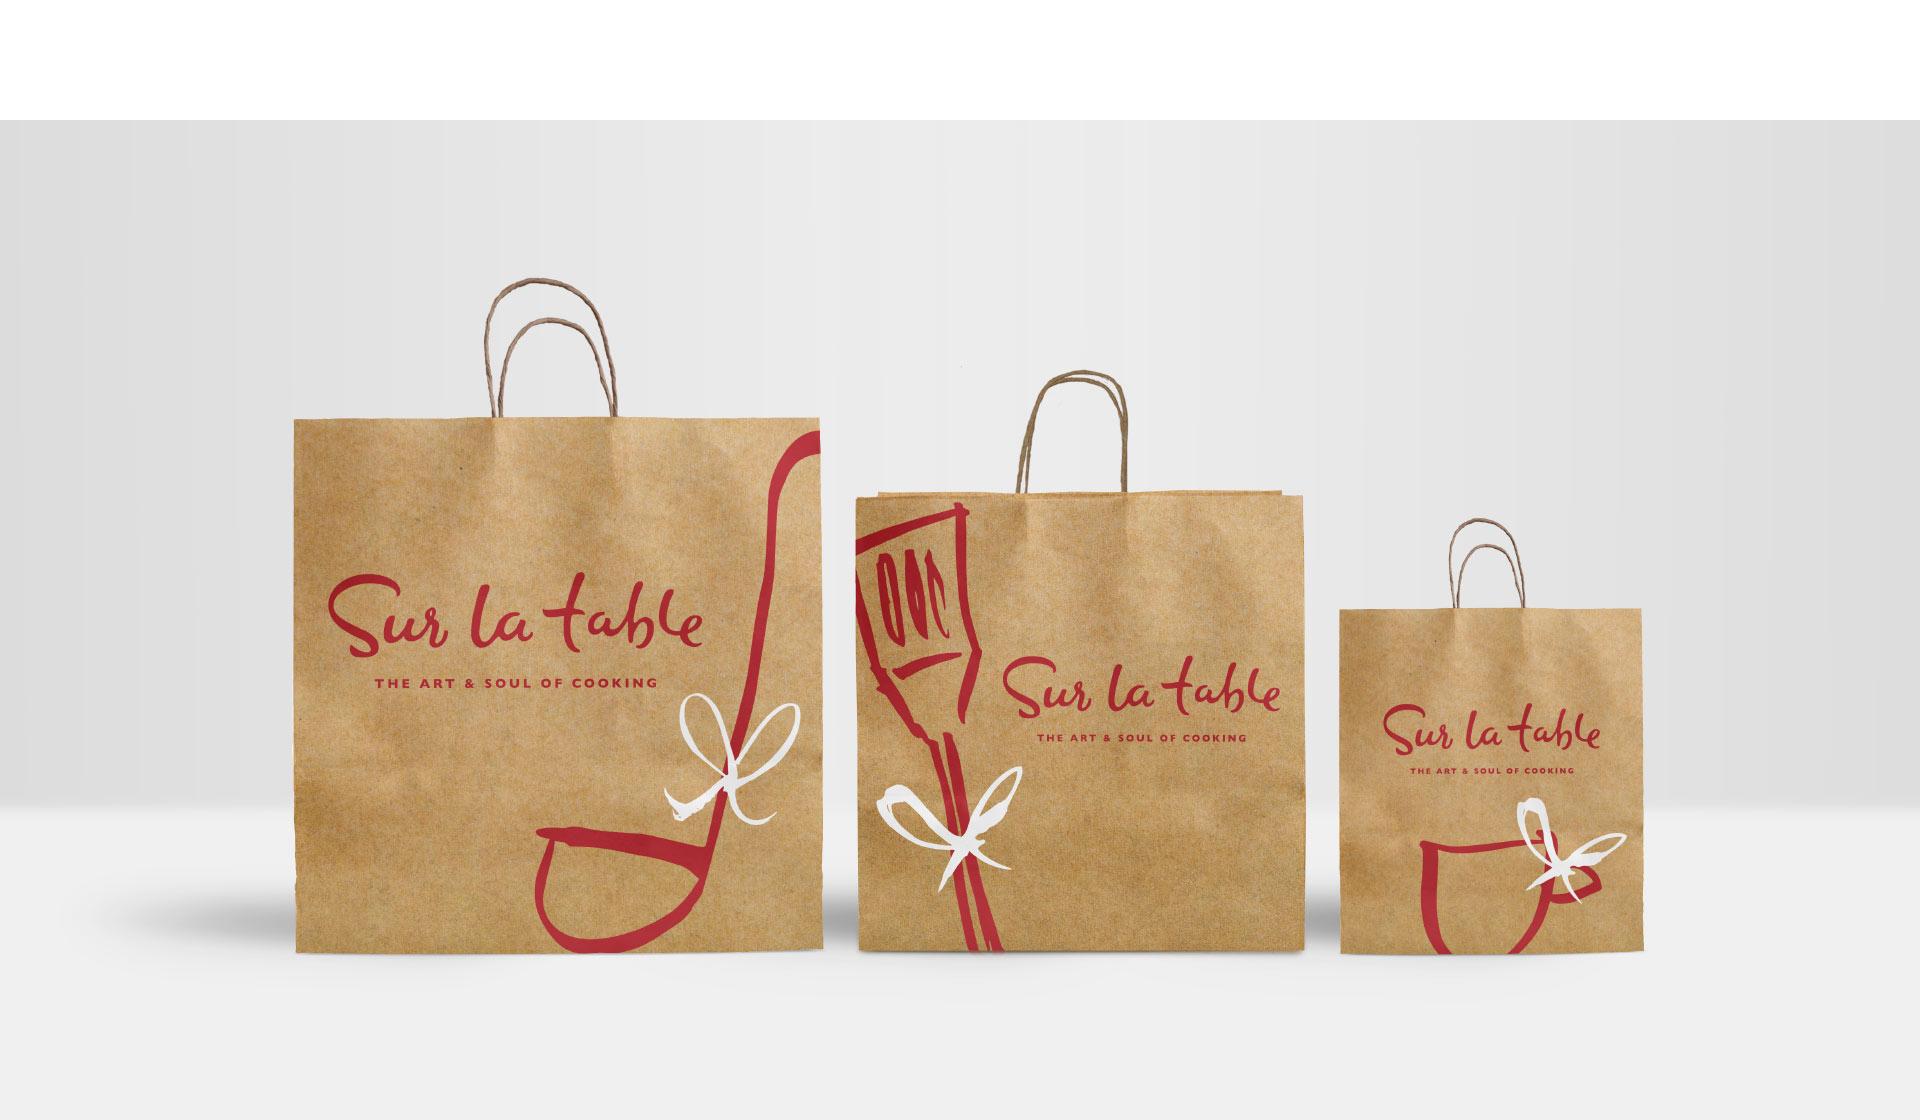 Creative_Retail_Packaging_Branding_Design_Sur_La_Table_18.jpg